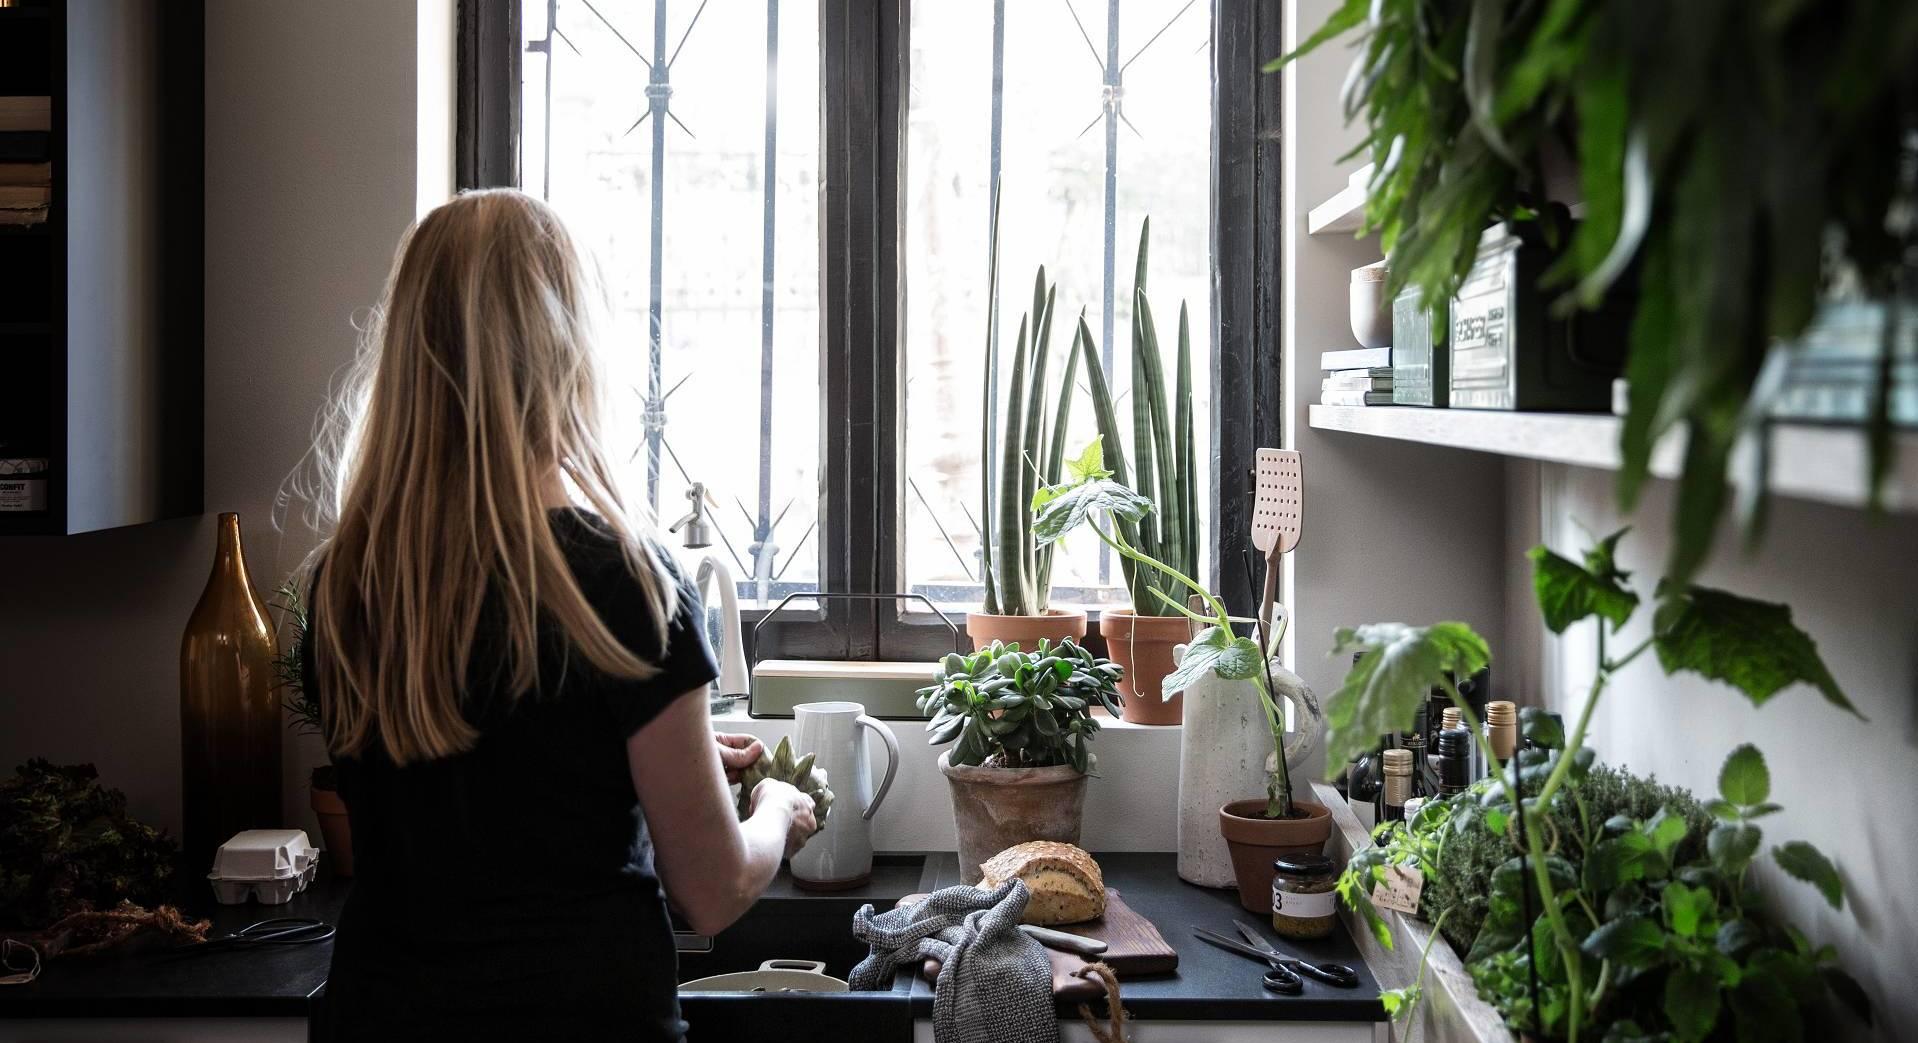 Frau beim Kochen in SieMatic Küche mit Kräutergarten.